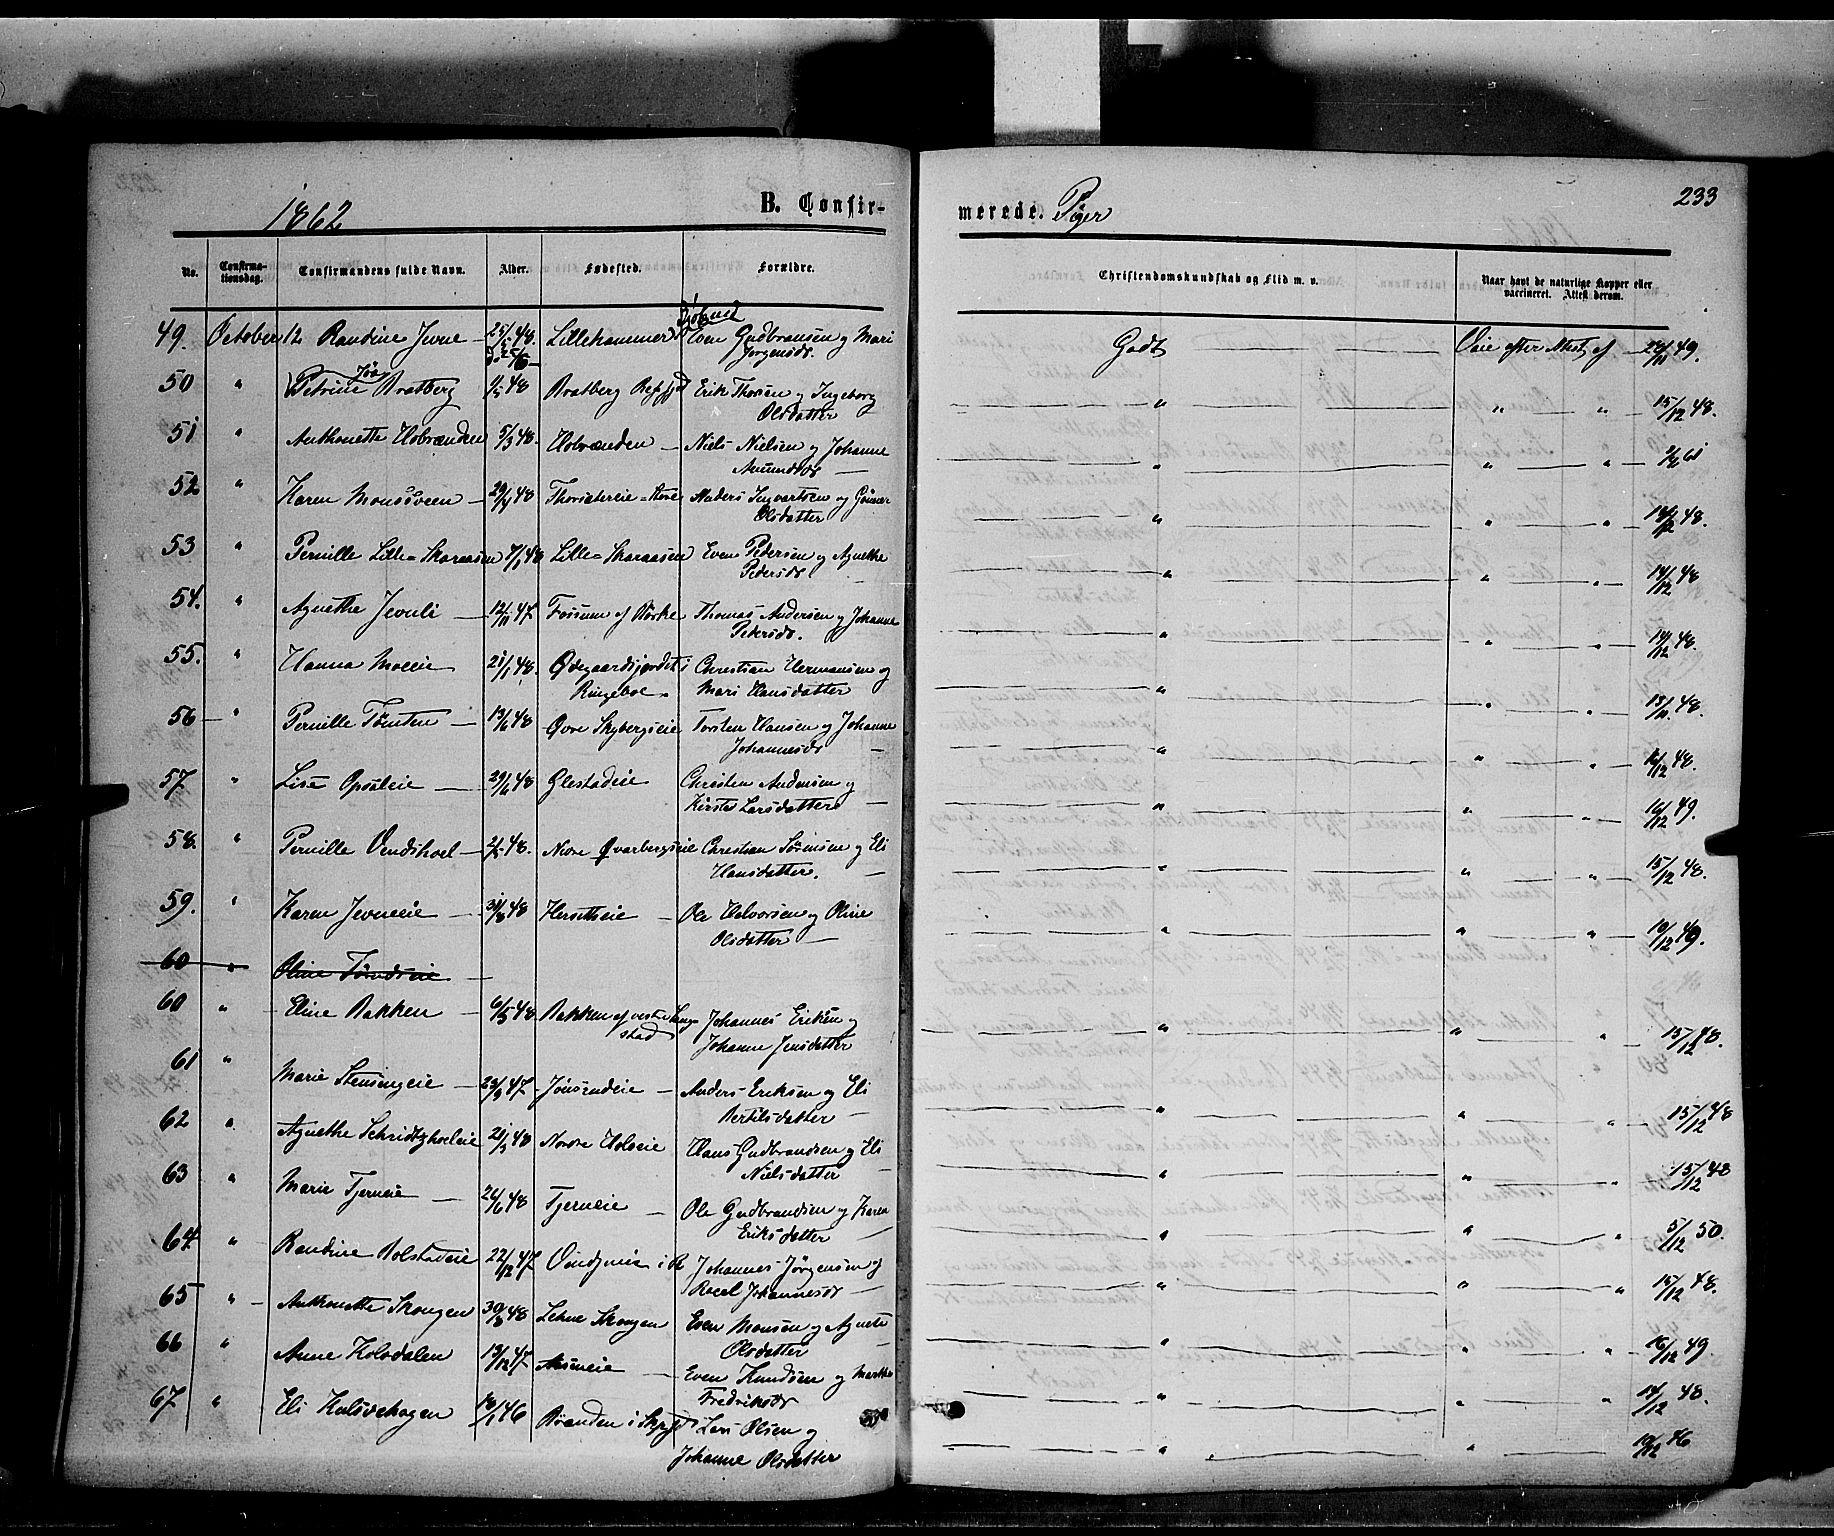 SAH, Ringsaker prestekontor, K/Ka/L0010: Ministerialbok nr. 10, 1861-1869, s. 233